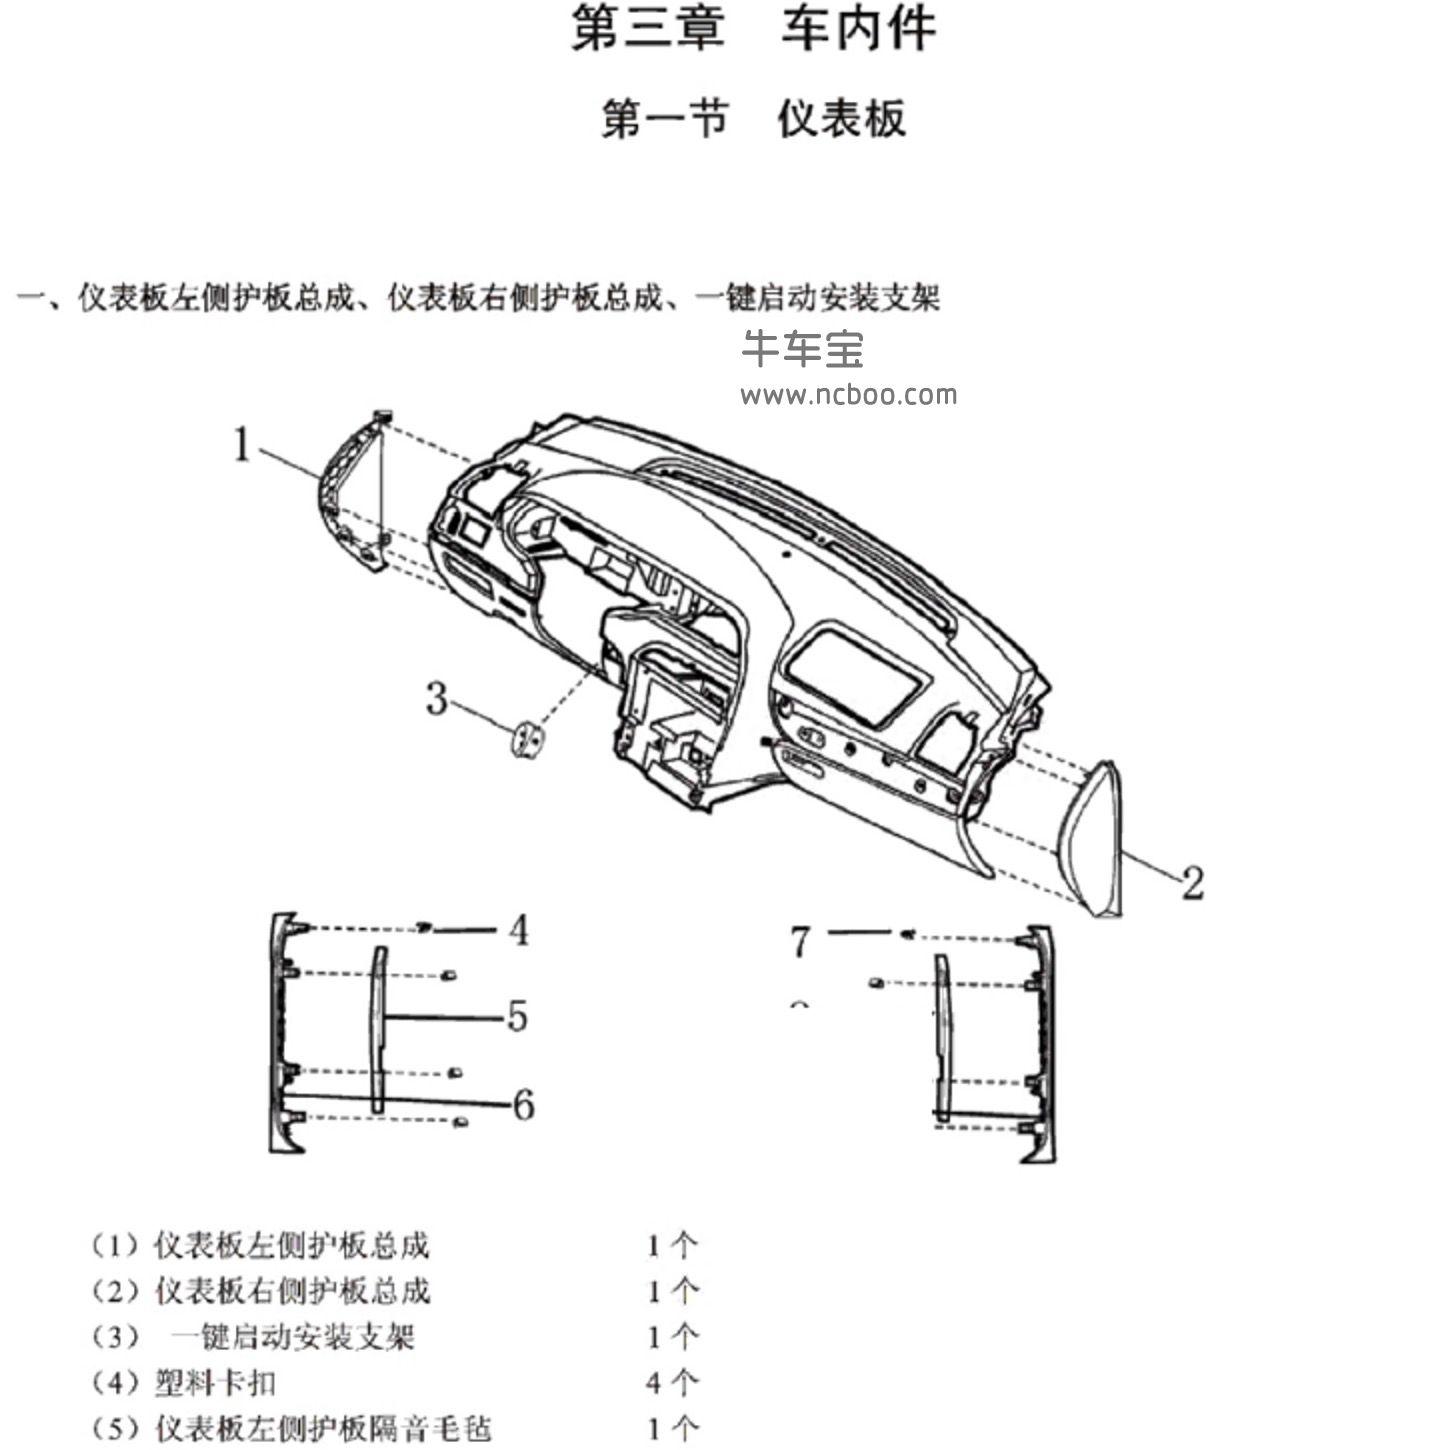 2011-2012款华晨中华V5原厂维修手册资料下载